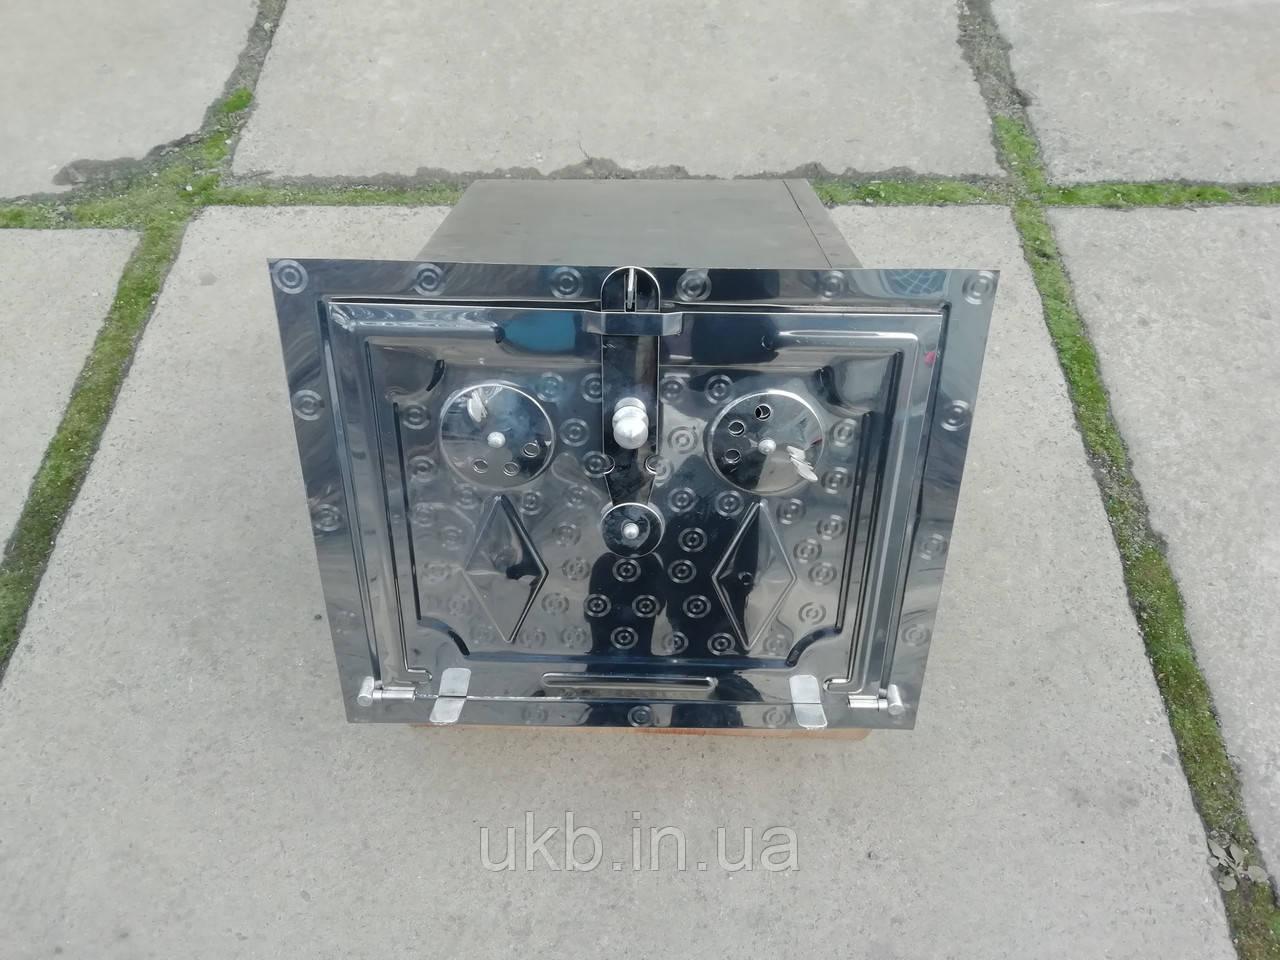 Духовка для печи Нержавейка 375*310 мм